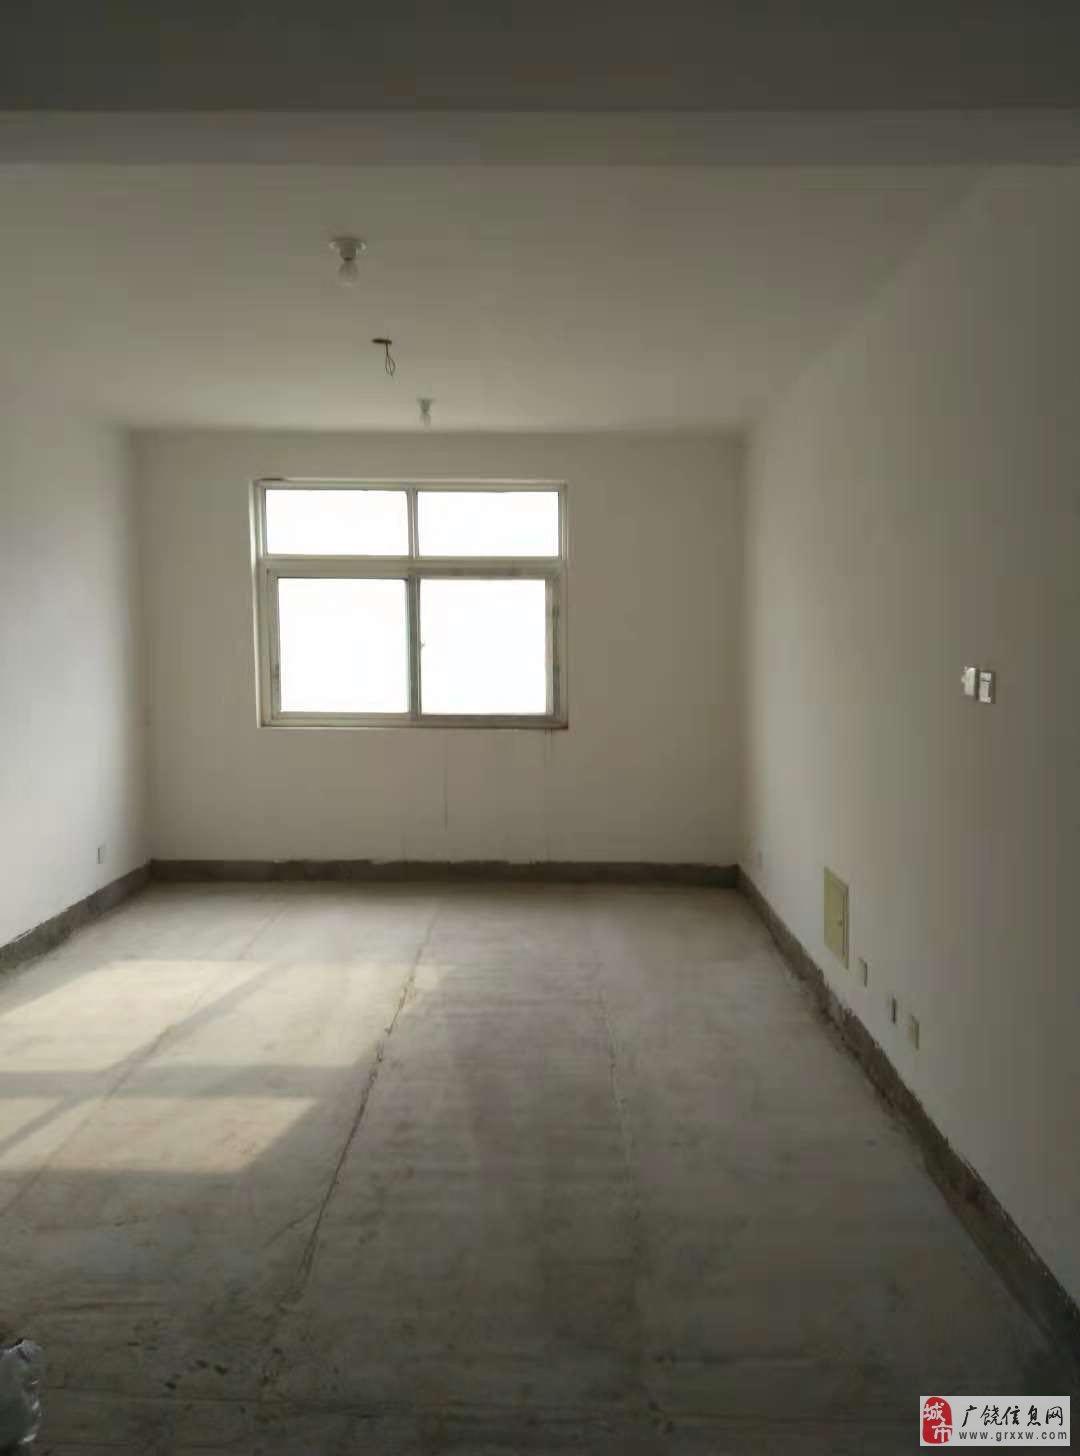 锦湖家园多层西区3室2厅1卫60万元